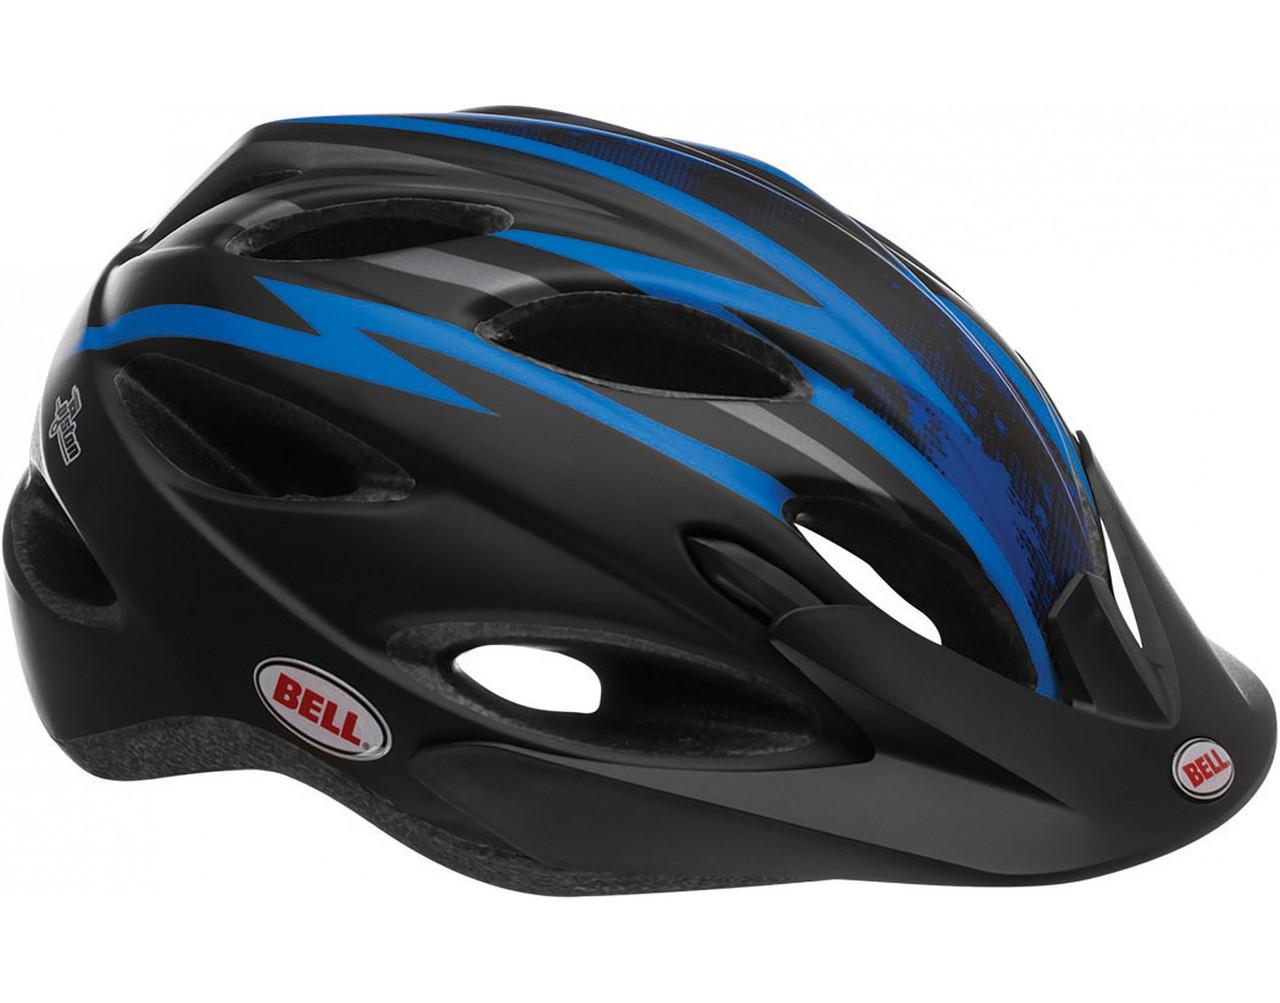 Велошлем Bell Piston матовый чёрный/синий Zenith, Uni (54-61) (GT)